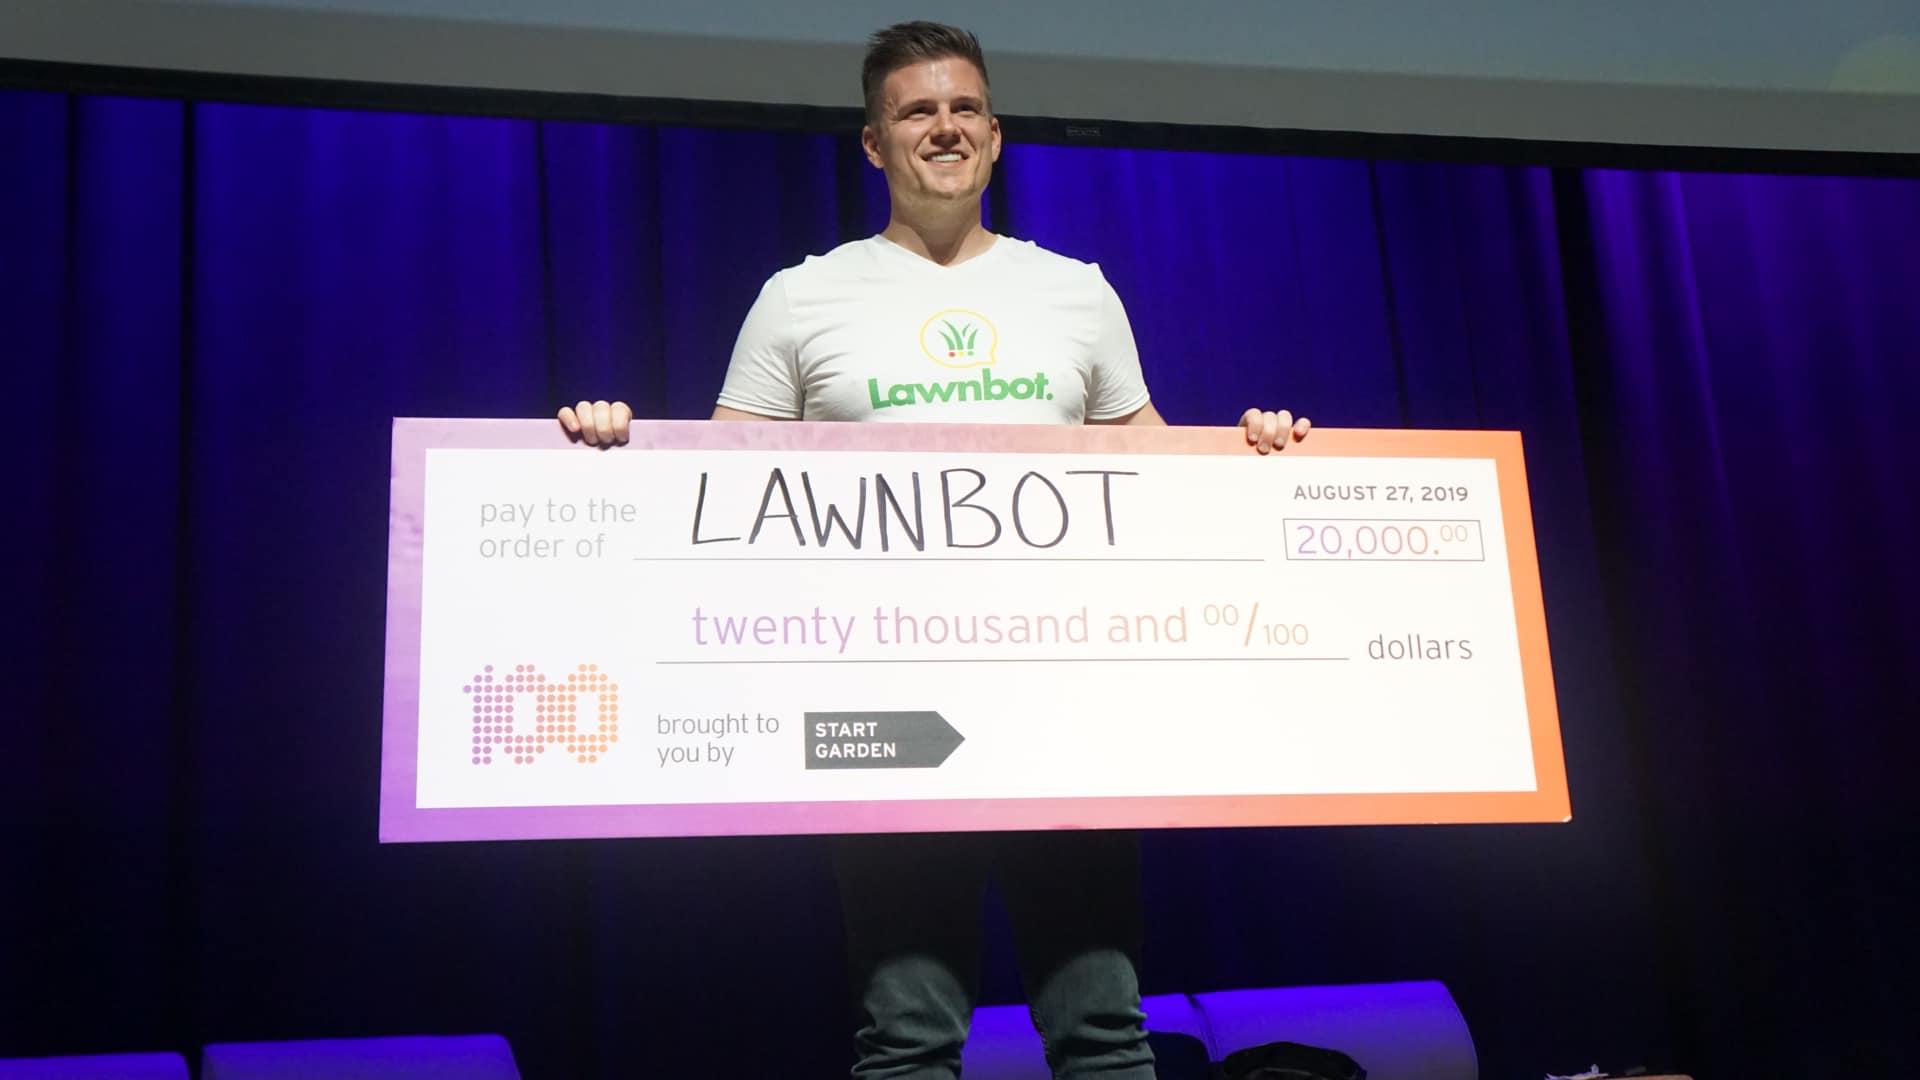 Lawnbot.biz Wins $20,000 In Start Garden 100 ideas Demo Day